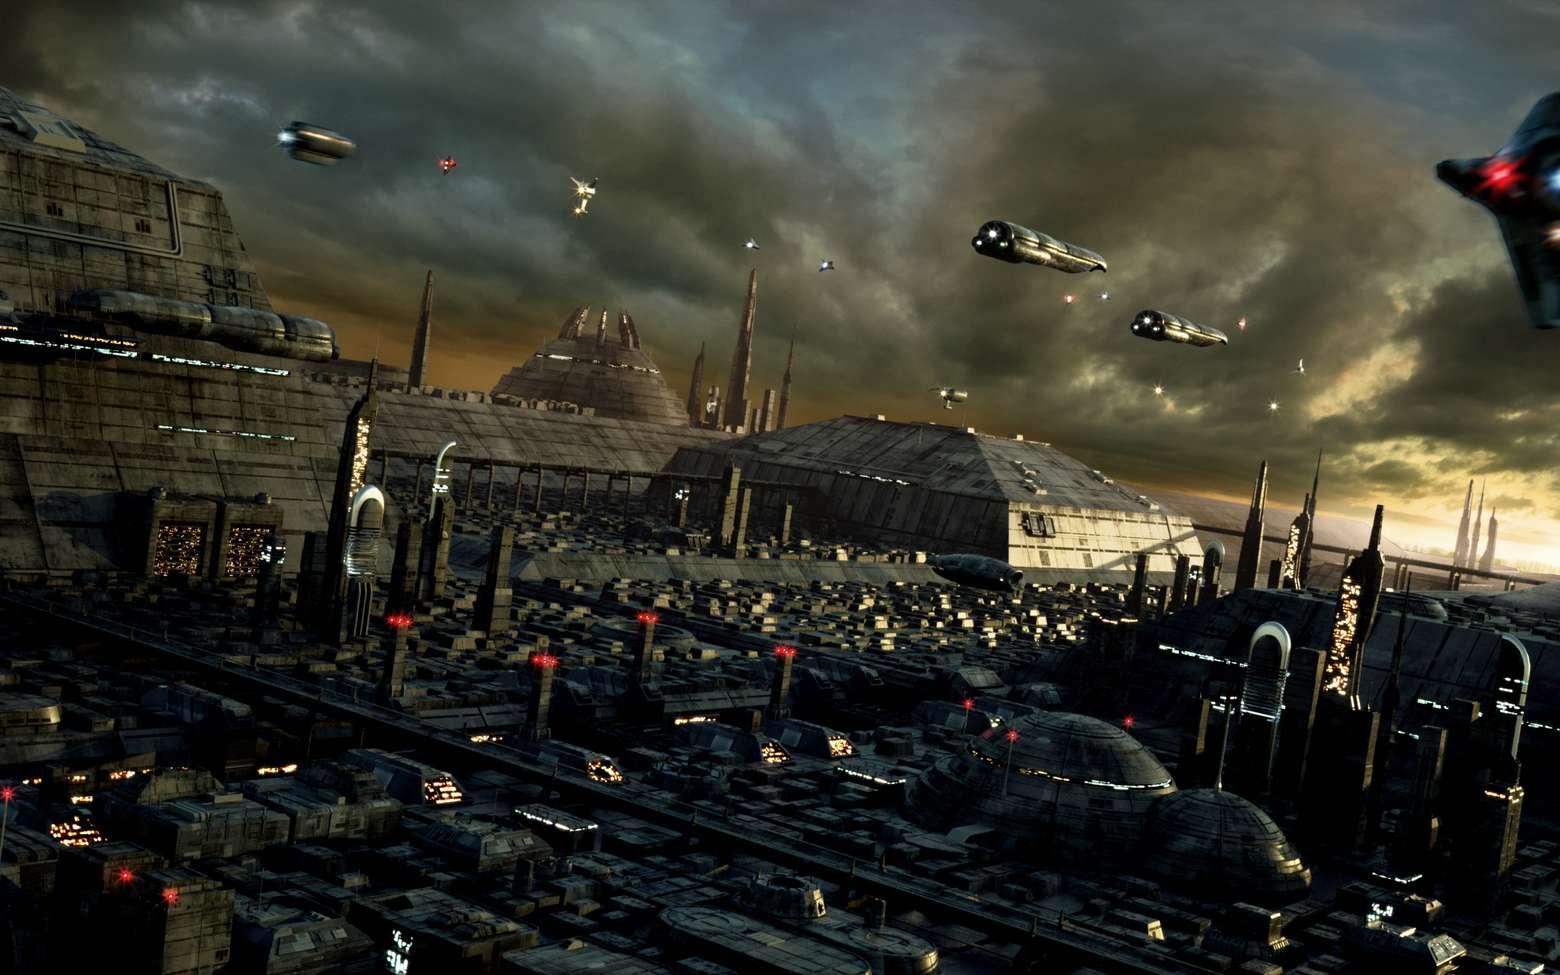 La citadelle de Gammu est prise d'assaut par les forces de la Dispersion pour tuer Duncan Idaho. Mais quelles sont leurs motivations ? © BBB3, Fotolia